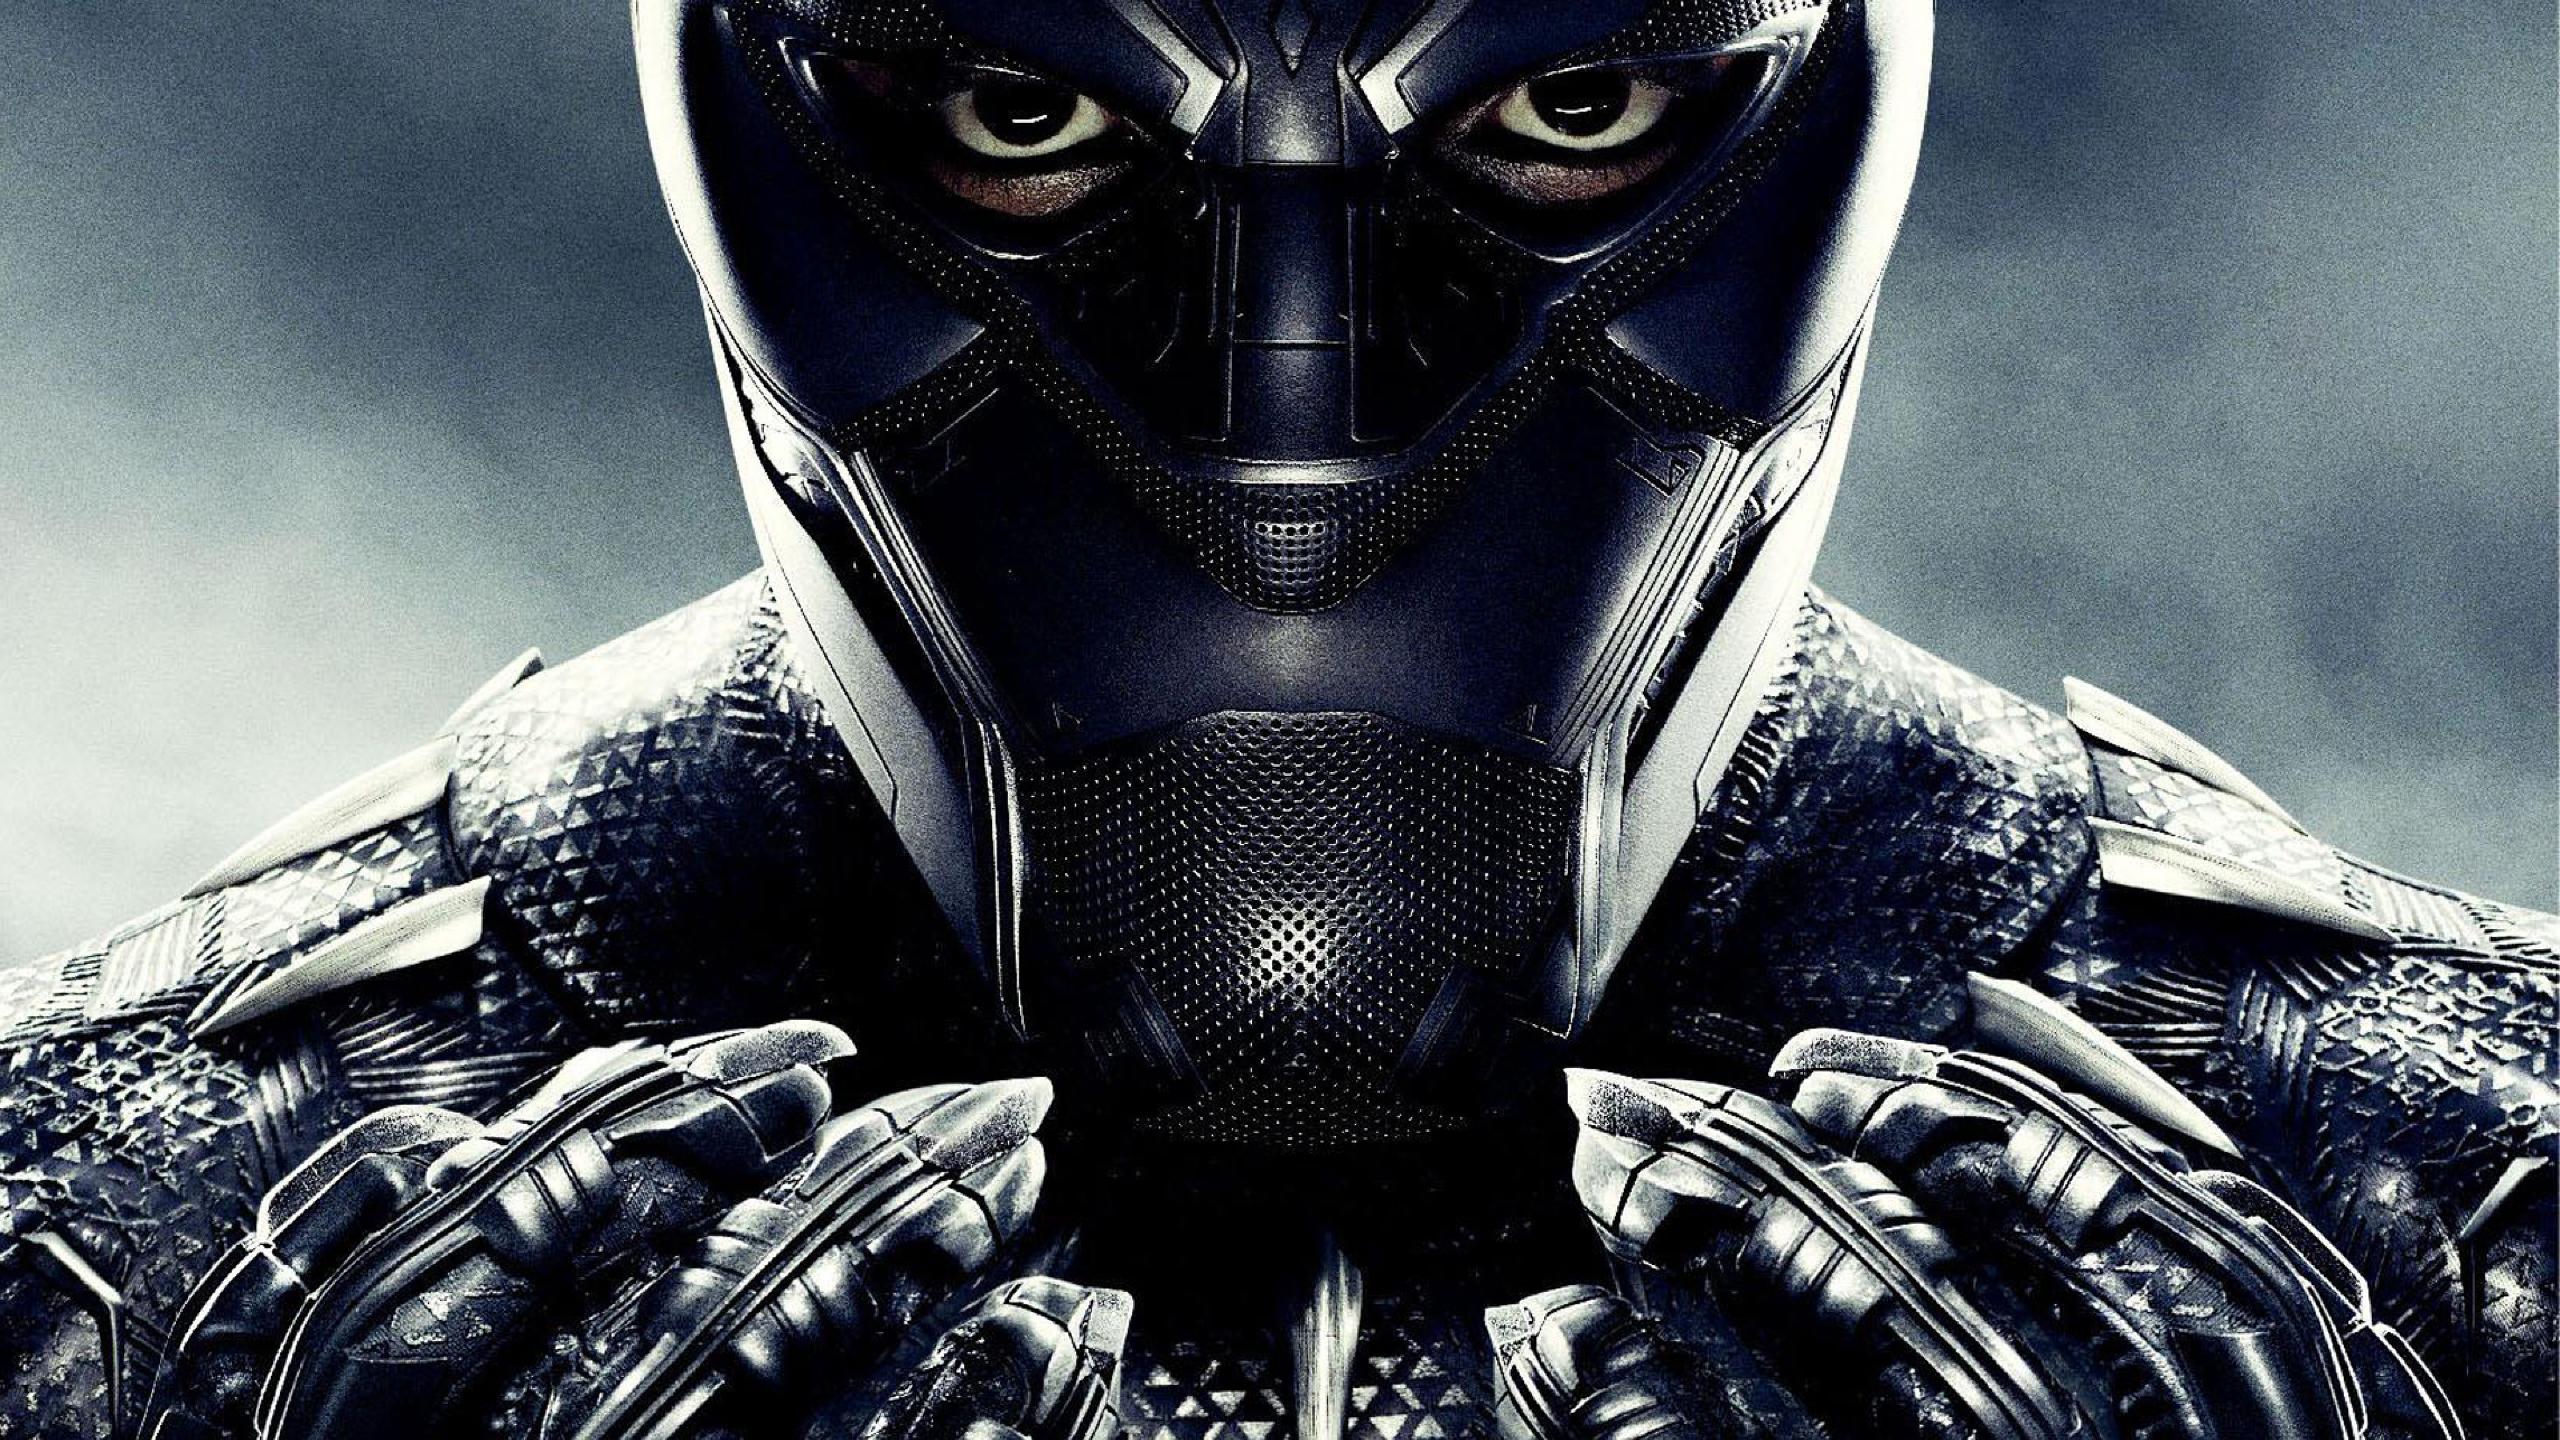 """Así construyeron una épica persecución de carros en """"Black Panther"""""""